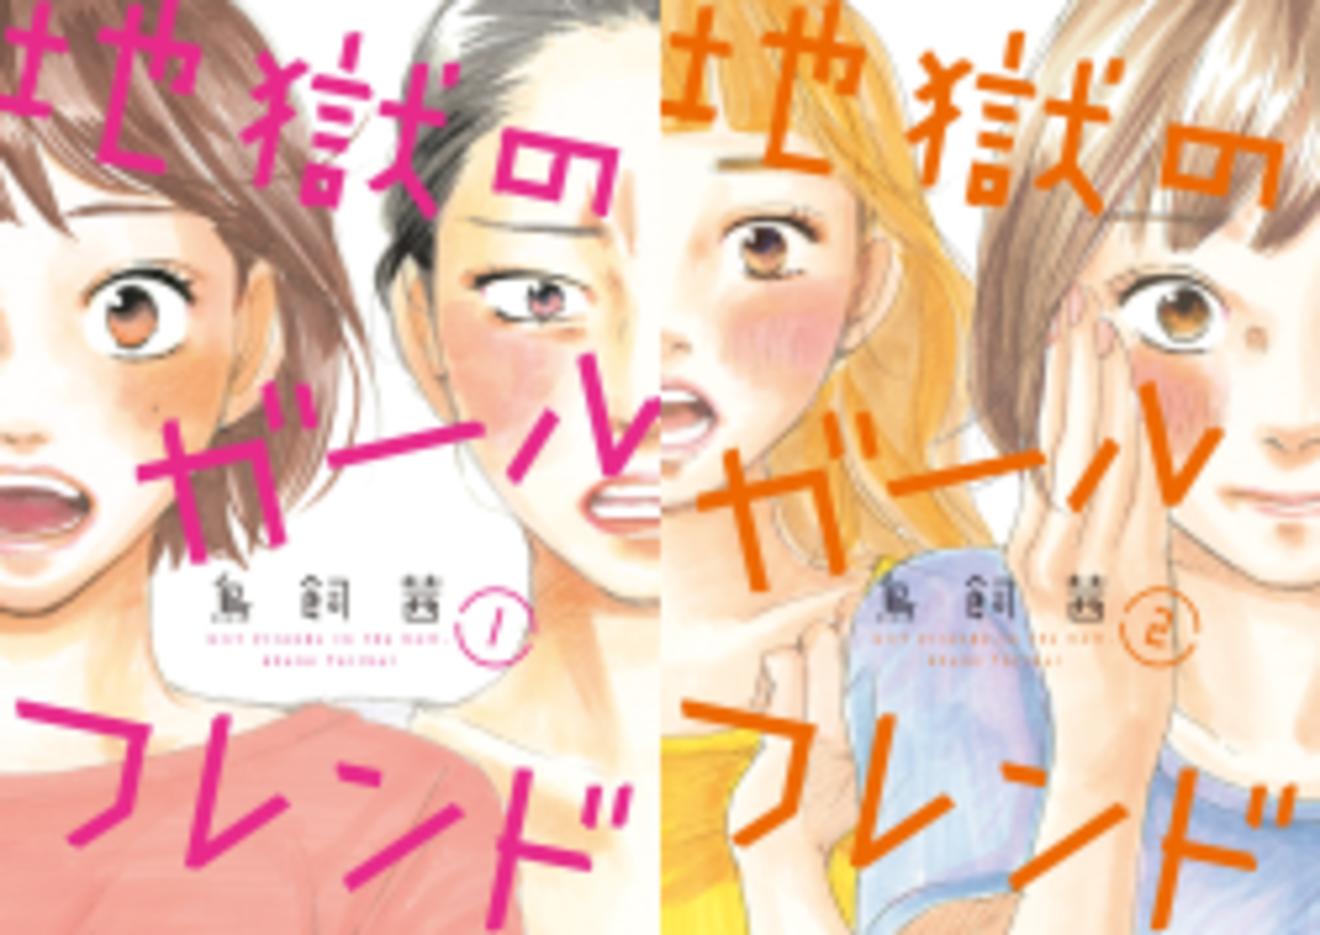 『おんなのいえ』作者鳥飼茜のじわじわくる憂鬱漫画ランキングベスト4!